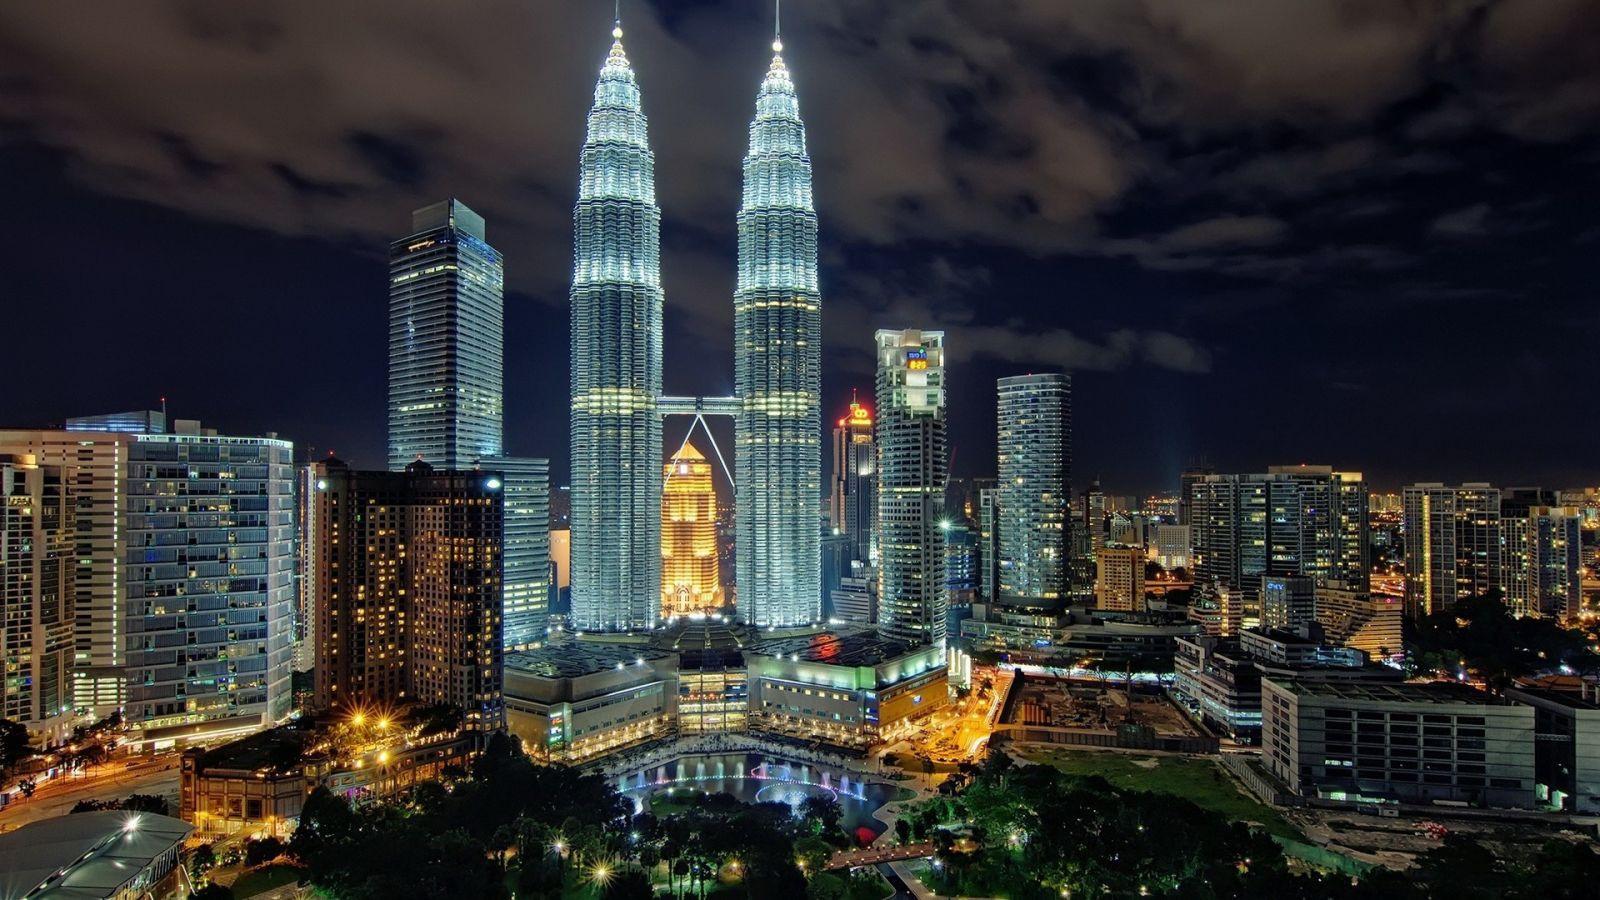 Tour du lịch liên tuyến Singapore Malaysia 6 ngày 5 đêm - Tháp đôi Petronas Twin Tower